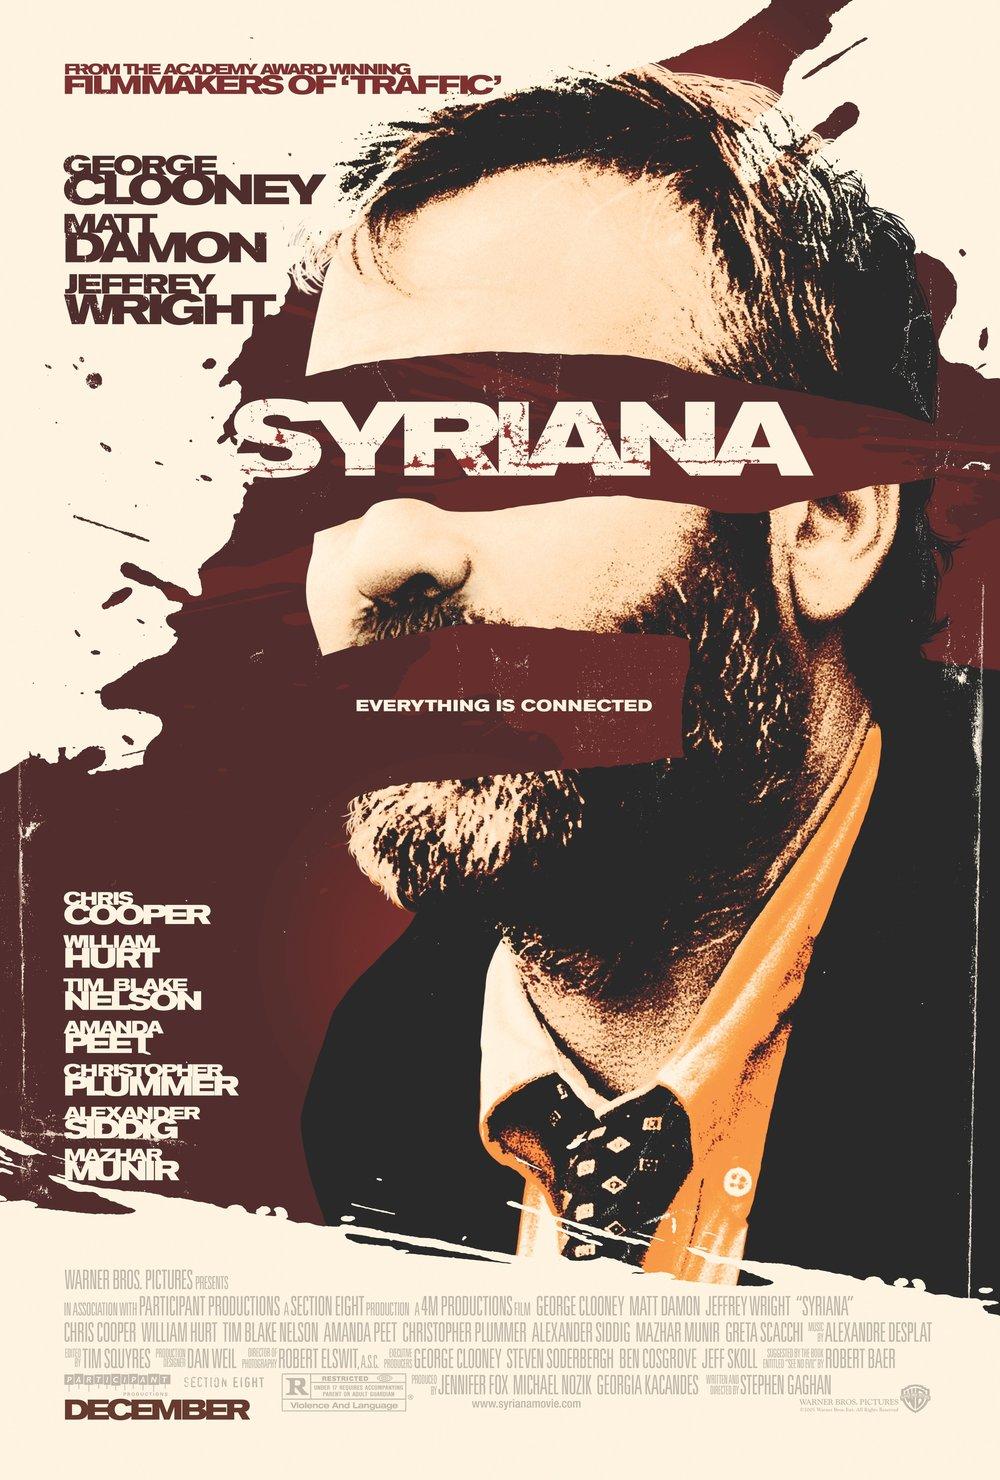 032_SYRIANA_CMYK copy.jpg